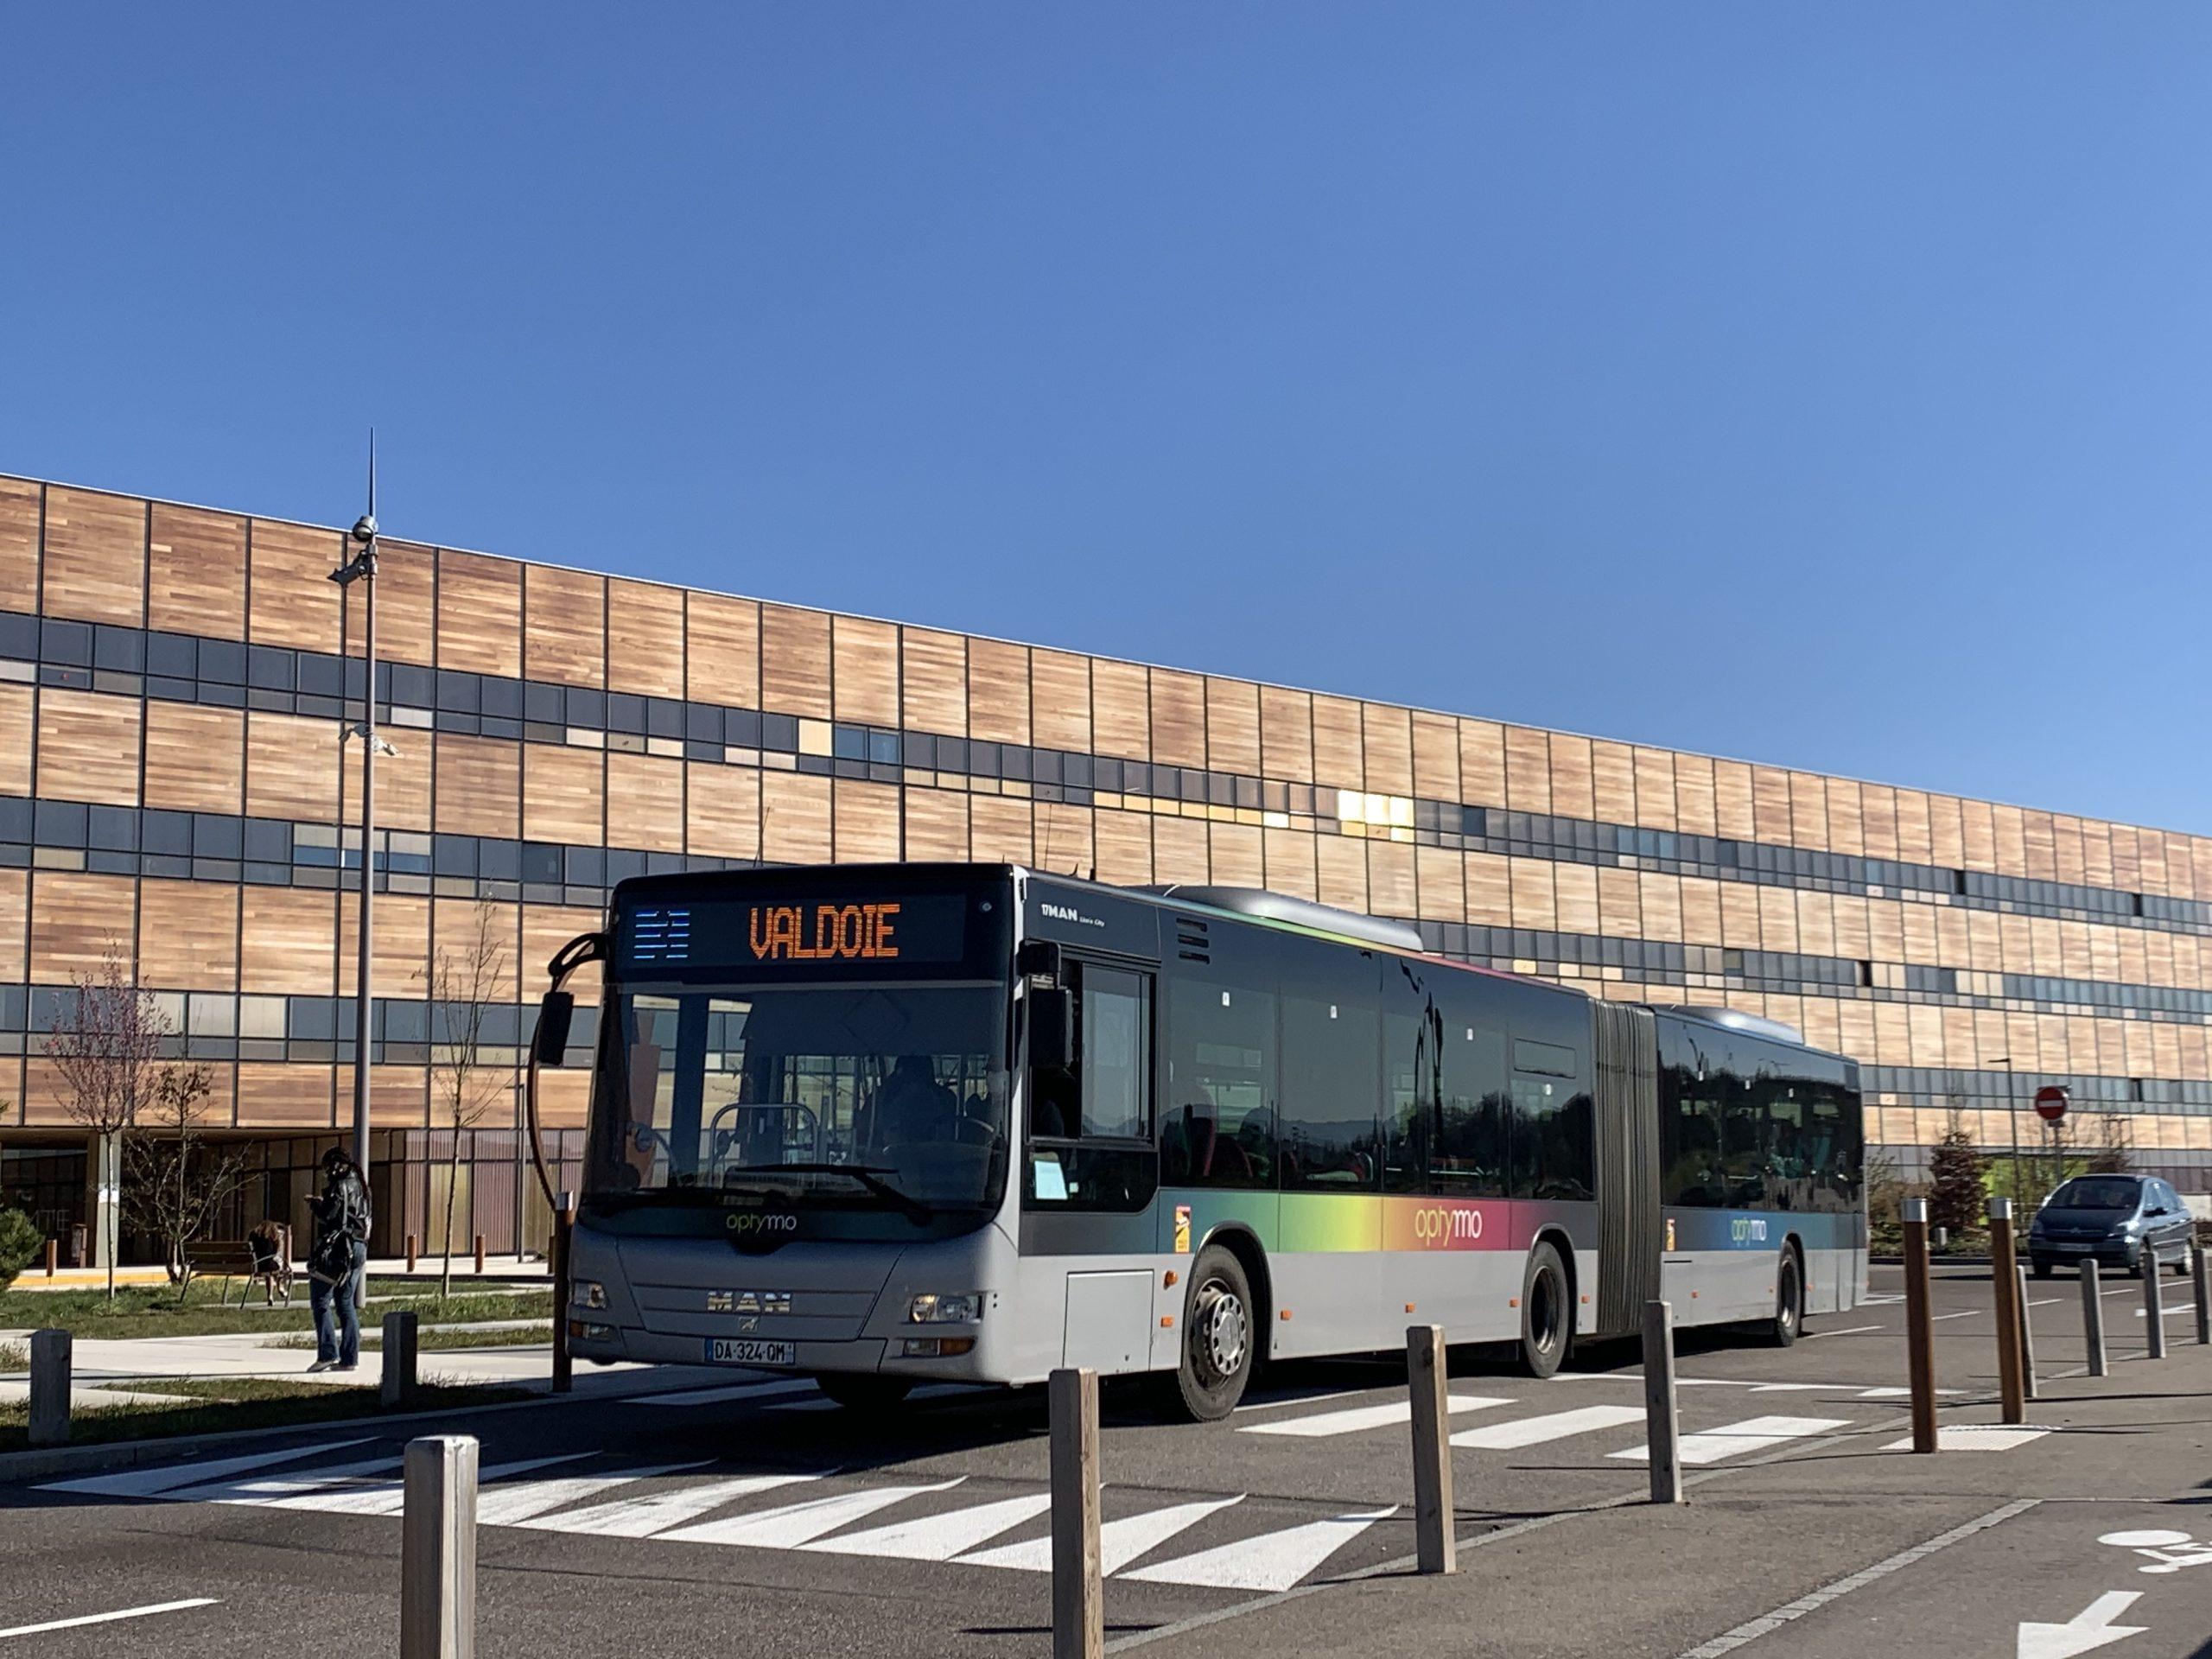 Une étude est lancée pour étudier la faisabilité de construire une autorité organisatrice des mobilités à l'échelle du nord Franche-Comté.